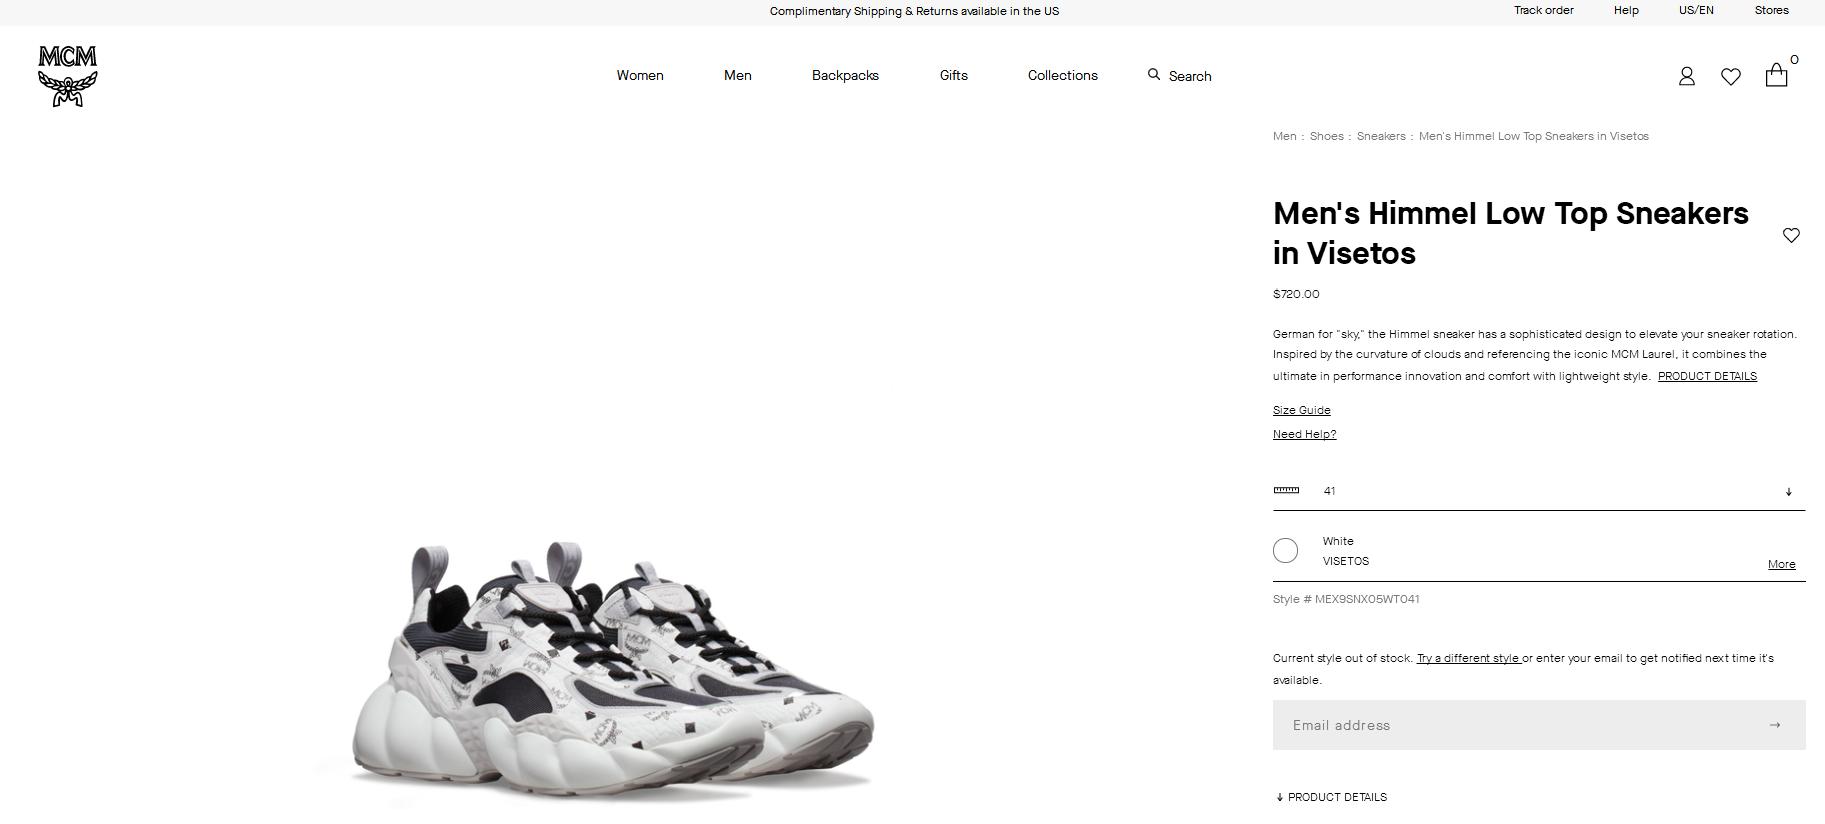 MCM Men's Himmel Low Top Sneakers in Visetos white mcm sneaker   3